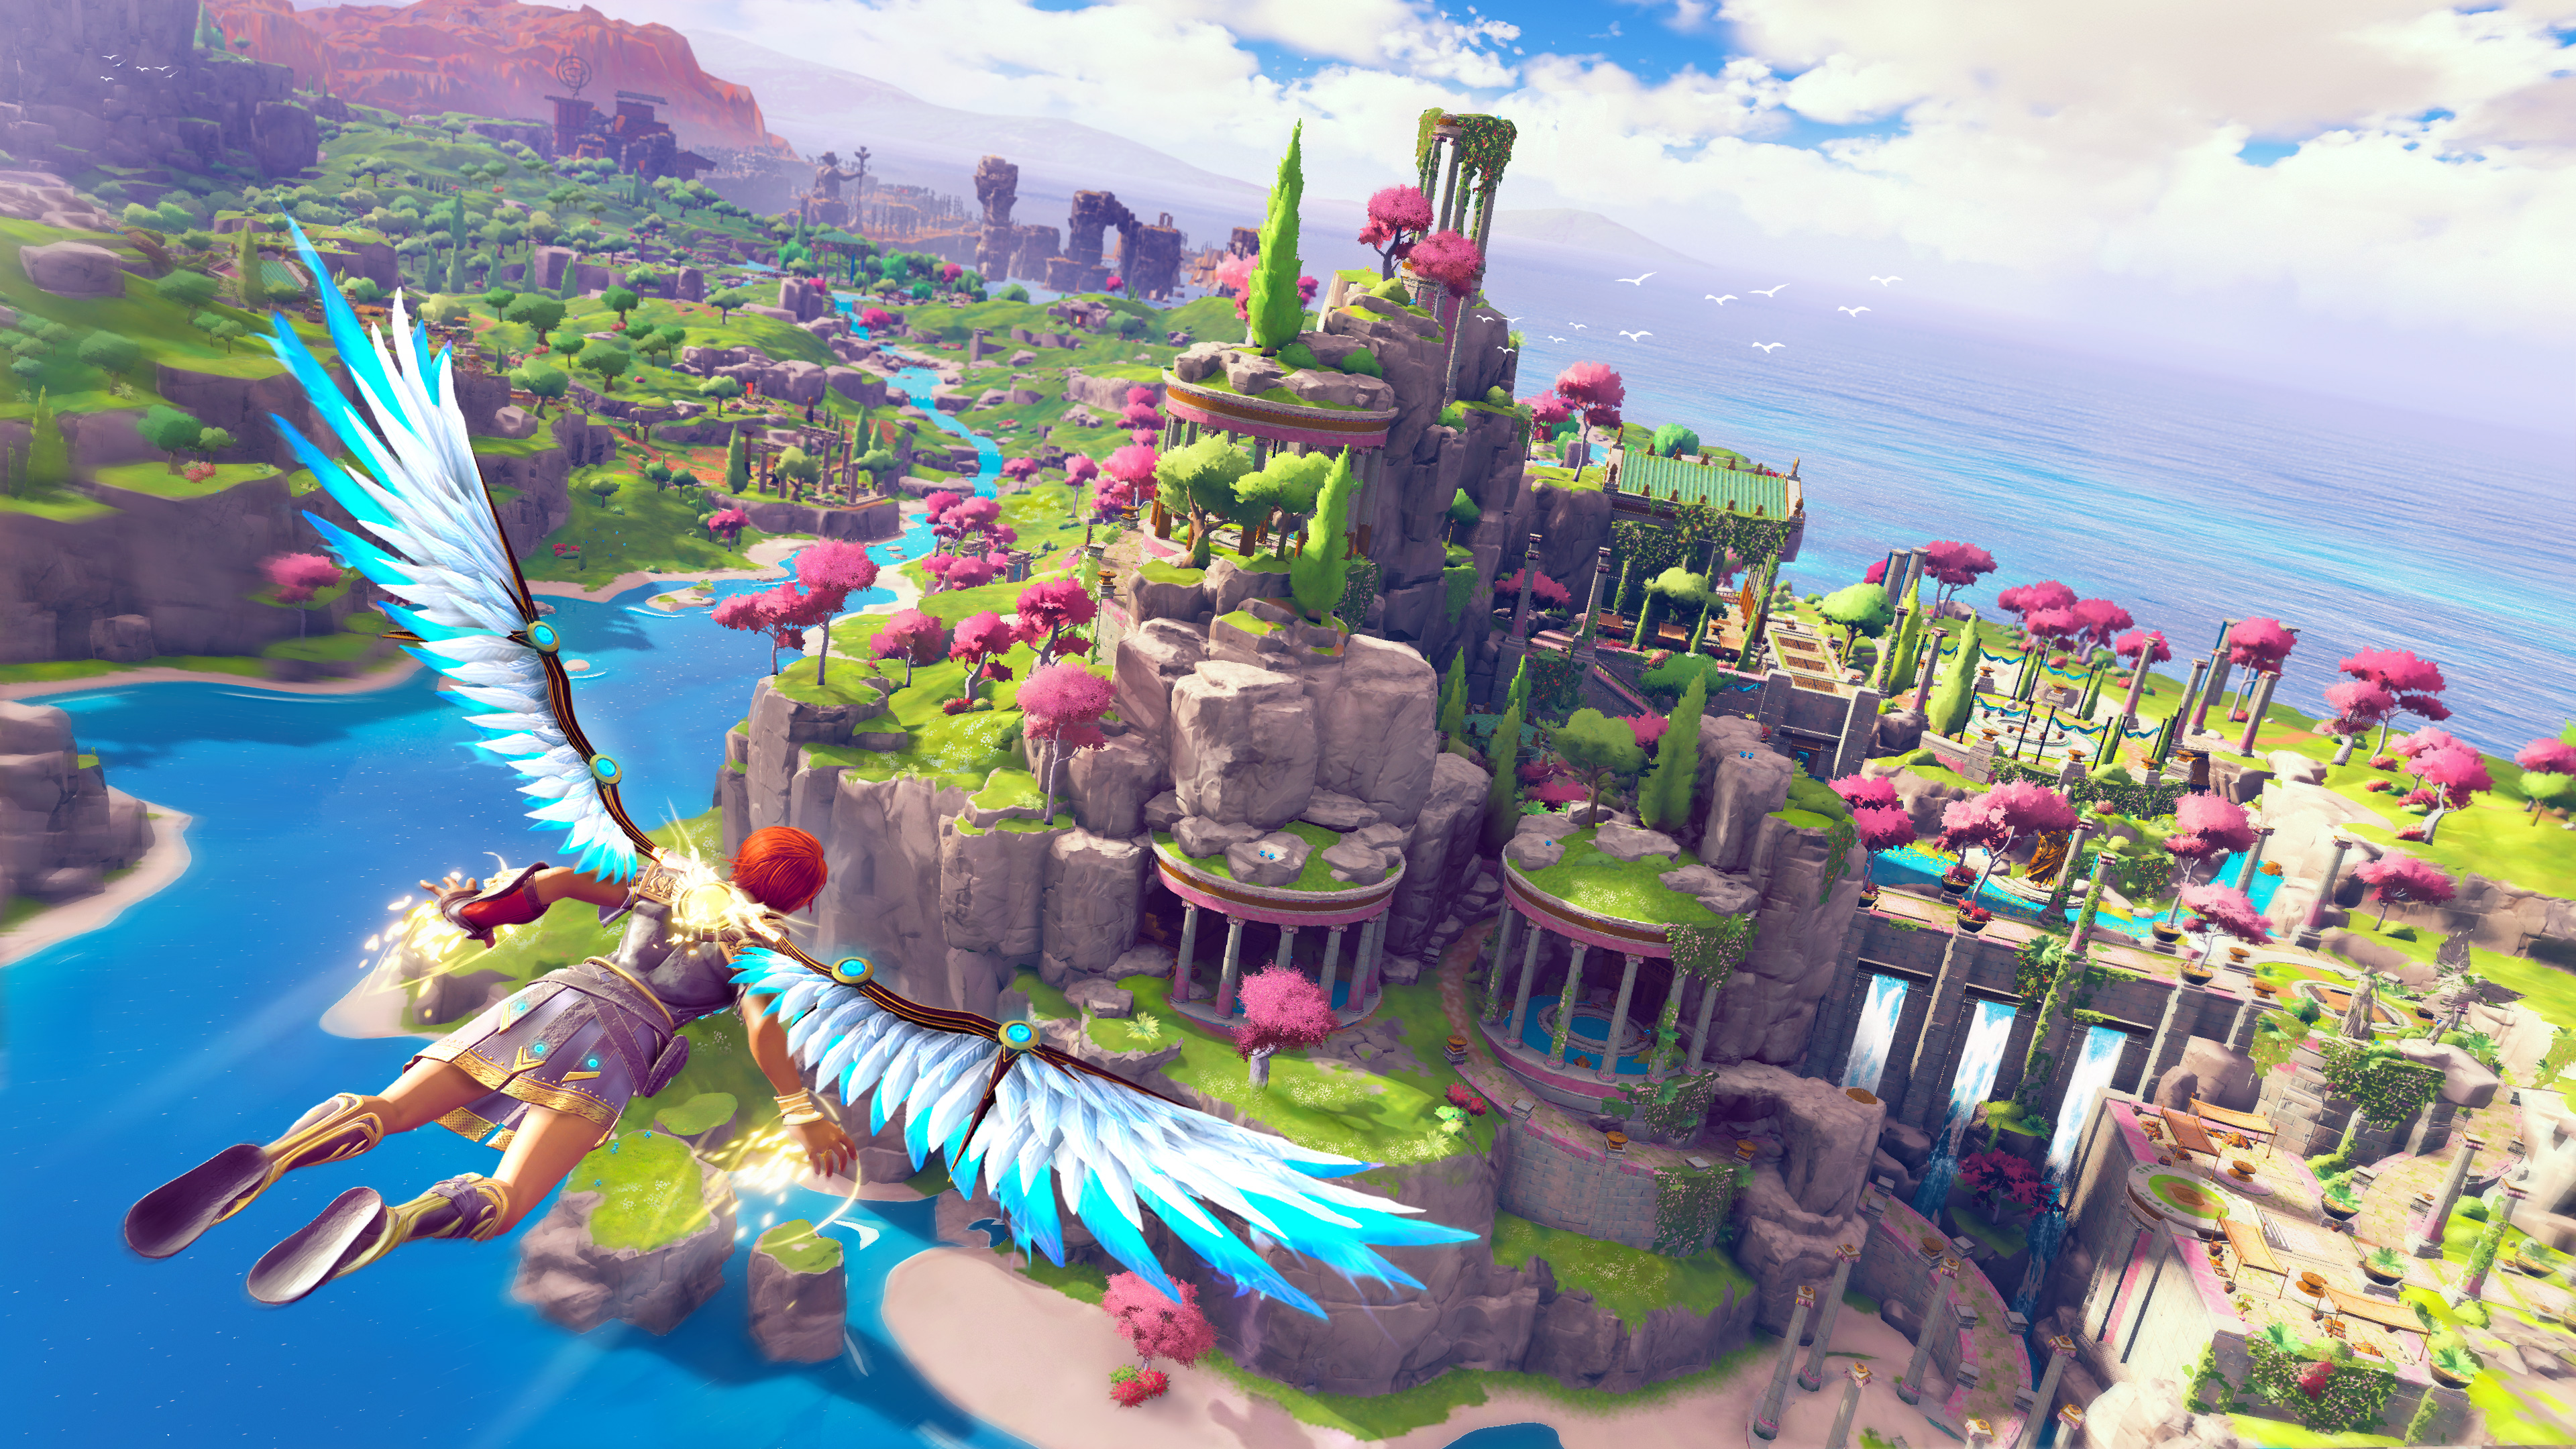 Скриншот №1 к Immortals Fenyx Rising PS4 and PS5